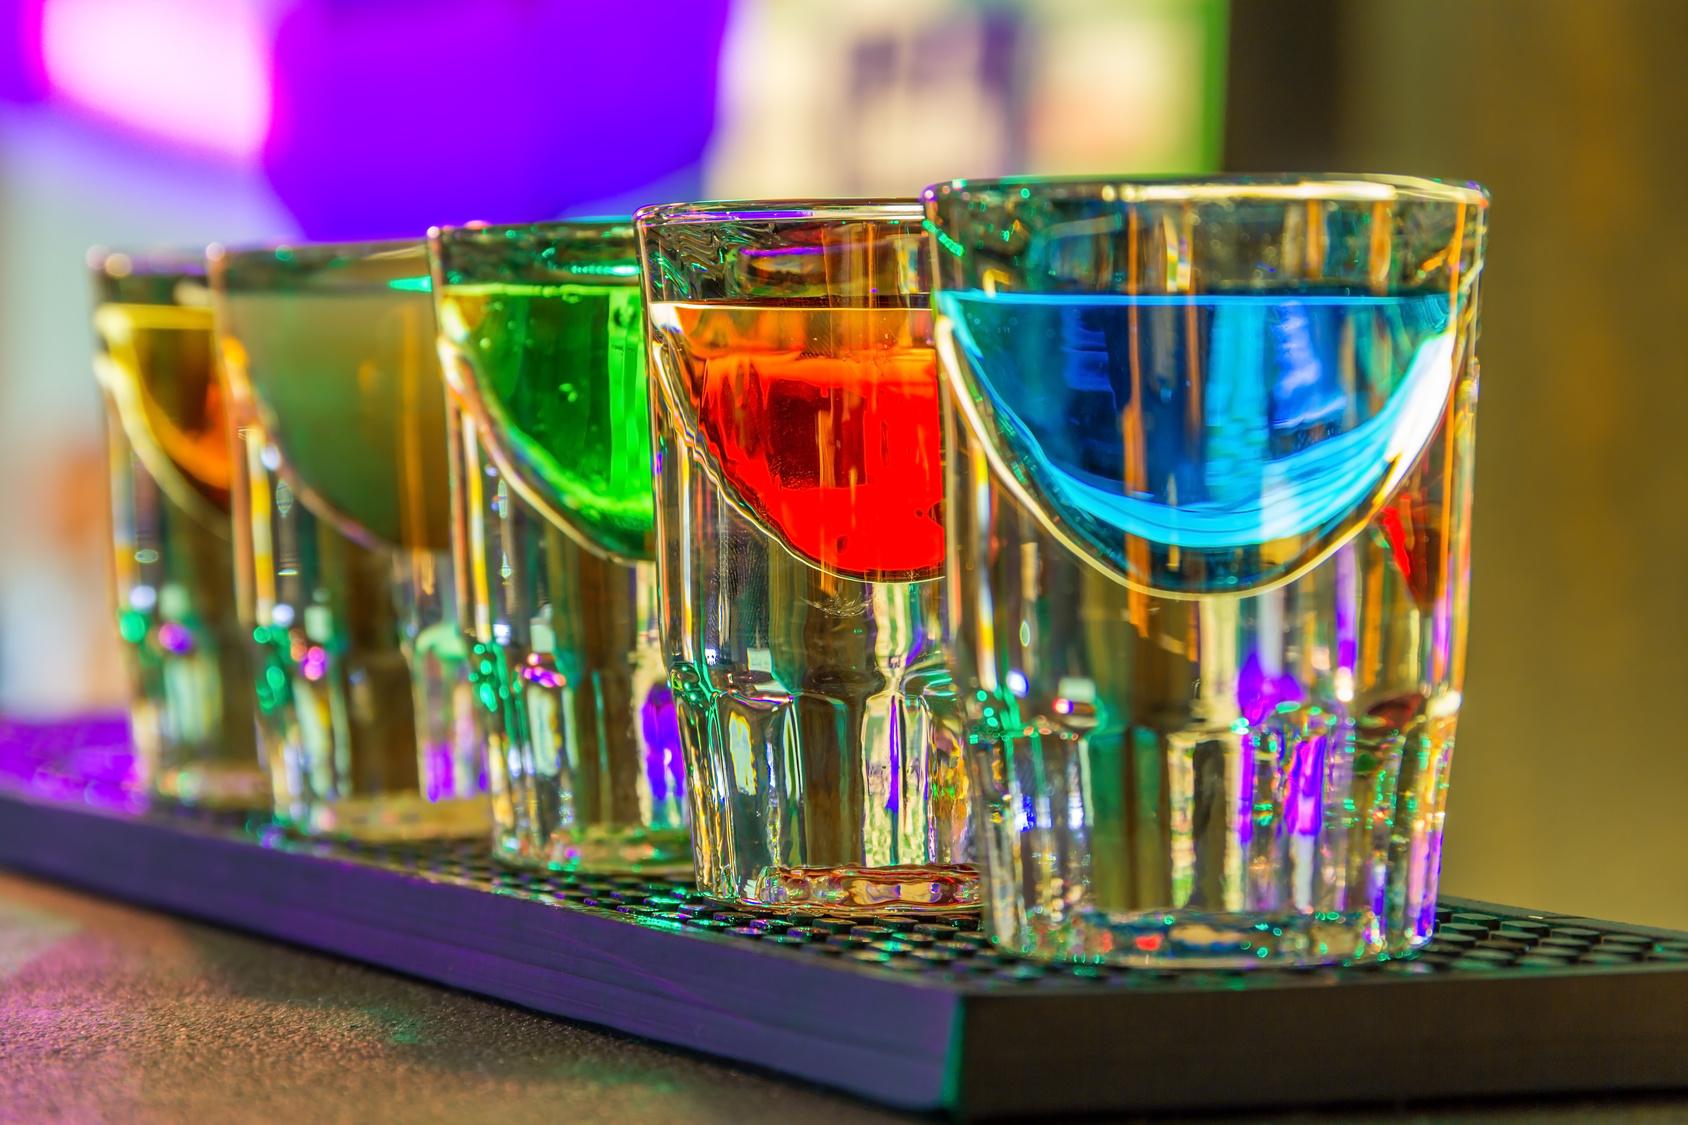 Kieliszki z kolorowym alkoholem